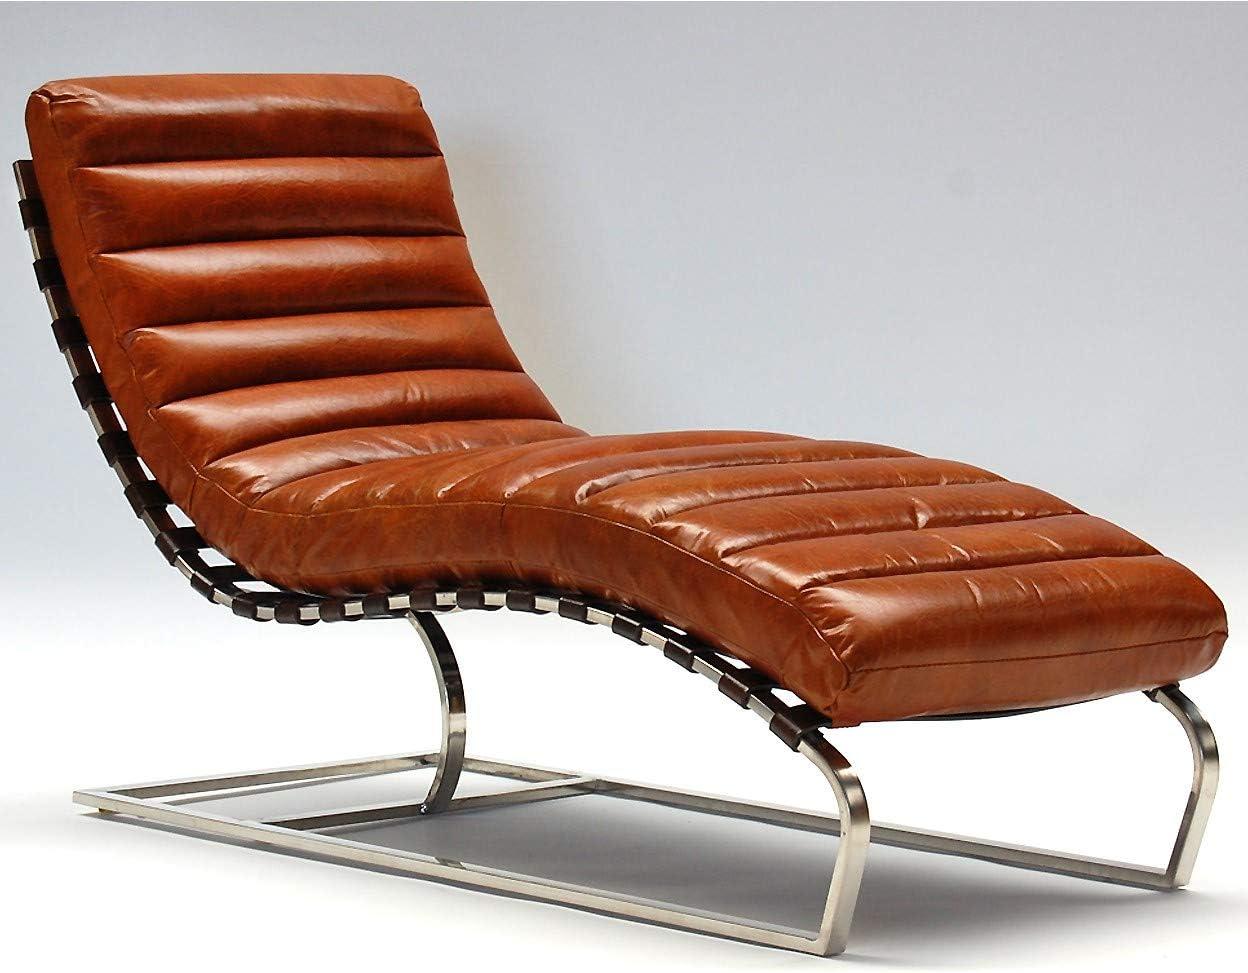 Phoenixarts Real Leather Vintage Chaise Longue, Recamiere Design 7